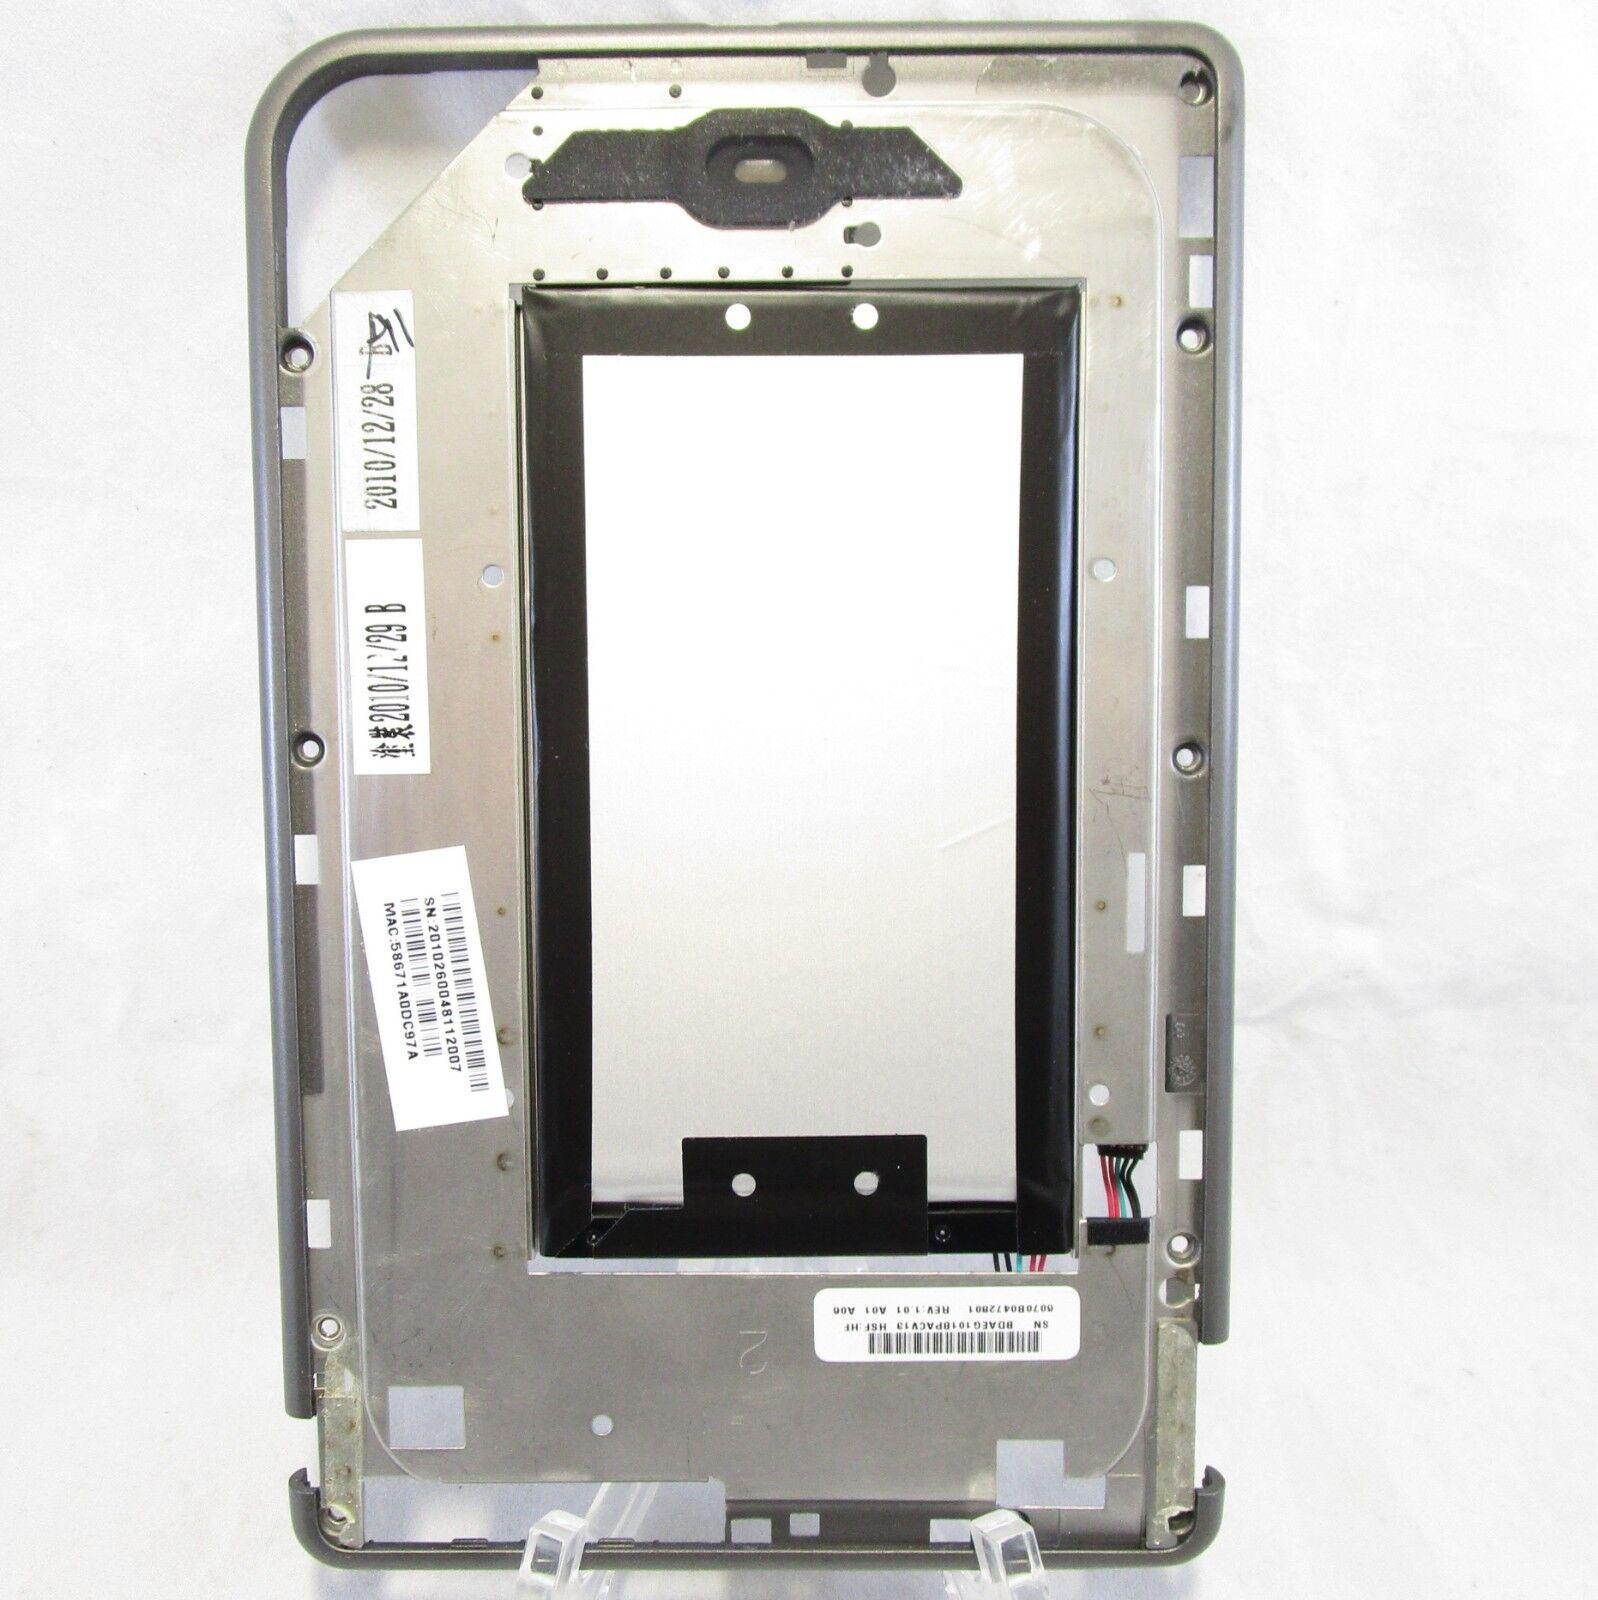 Barnes & Noble Nook Color eReader BNRV200  - Midframe & battery Replacement